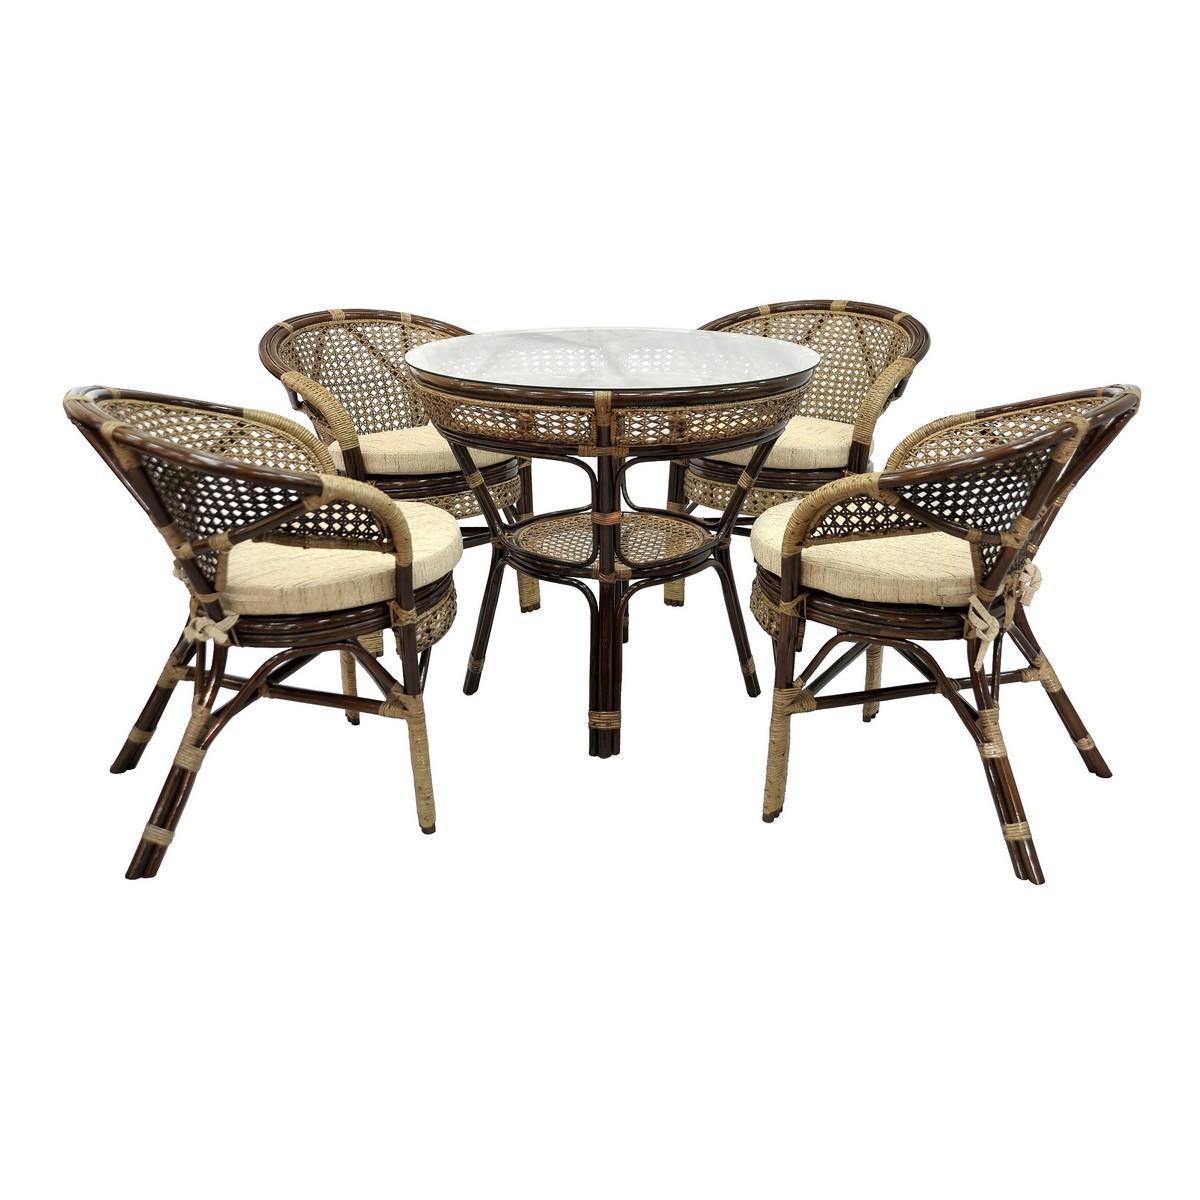 Комплект обеденный JavaКомплекты уличной мебели<br>Эксклюзивная модель.  Несмотря на изящное плетение из ротанга, этот комплект мебели может выдерживать большой вес. Удобные анатомические спинки придадут особый комфорт вашей спине. Комплектация: четыре кресла,  мягкие подушки (на сидение), столик со стеклом (на присосках)&amp;lt;div&amp;gt;&amp;lt;br&amp;gt;&amp;lt;/div&amp;gt;&amp;lt;div&amp;gt;Материал каркаса:  натуральный ротанг&amp;lt;/div&amp;gt;&amp;lt;div&amp;gt;Цвет:  браун (коричневый)&amp;lt;/div&amp;gt;&amp;lt;div&amp;gt;Мягкая обивка/подушка:  ткань рогожка&amp;lt;/div&amp;gt;&amp;lt;div&amp;gt;Размер&amp;lt;span style=&amp;quot;line-height: 1.78571;&amp;quot;&amp;gt;&amp;amp;nbsp;столика: 83х75х83 см&amp;lt;/span&amp;gt;&amp;lt;/div&amp;gt;&amp;lt;div&amp;gt;&amp;lt;span style=&amp;quot;line-height: 1.78571;&amp;quot;&amp;gt;Размер кресла: 66х70х78 см&amp;amp;nbsp;&amp;lt;/span&amp;gt;&amp;lt;/div&amp;gt;&amp;lt;div&amp;gt;&amp;lt;span style=&amp;quot;line-height: 1.78571;&amp;quot;&amp;gt;Выдерживаемая нагрузка, кг:  100&amp;lt;/span&amp;gt;&amp;lt;/div&amp;gt;<br><br>Material: Ротанг<br>Height см: 75<br>Diameter см: 83